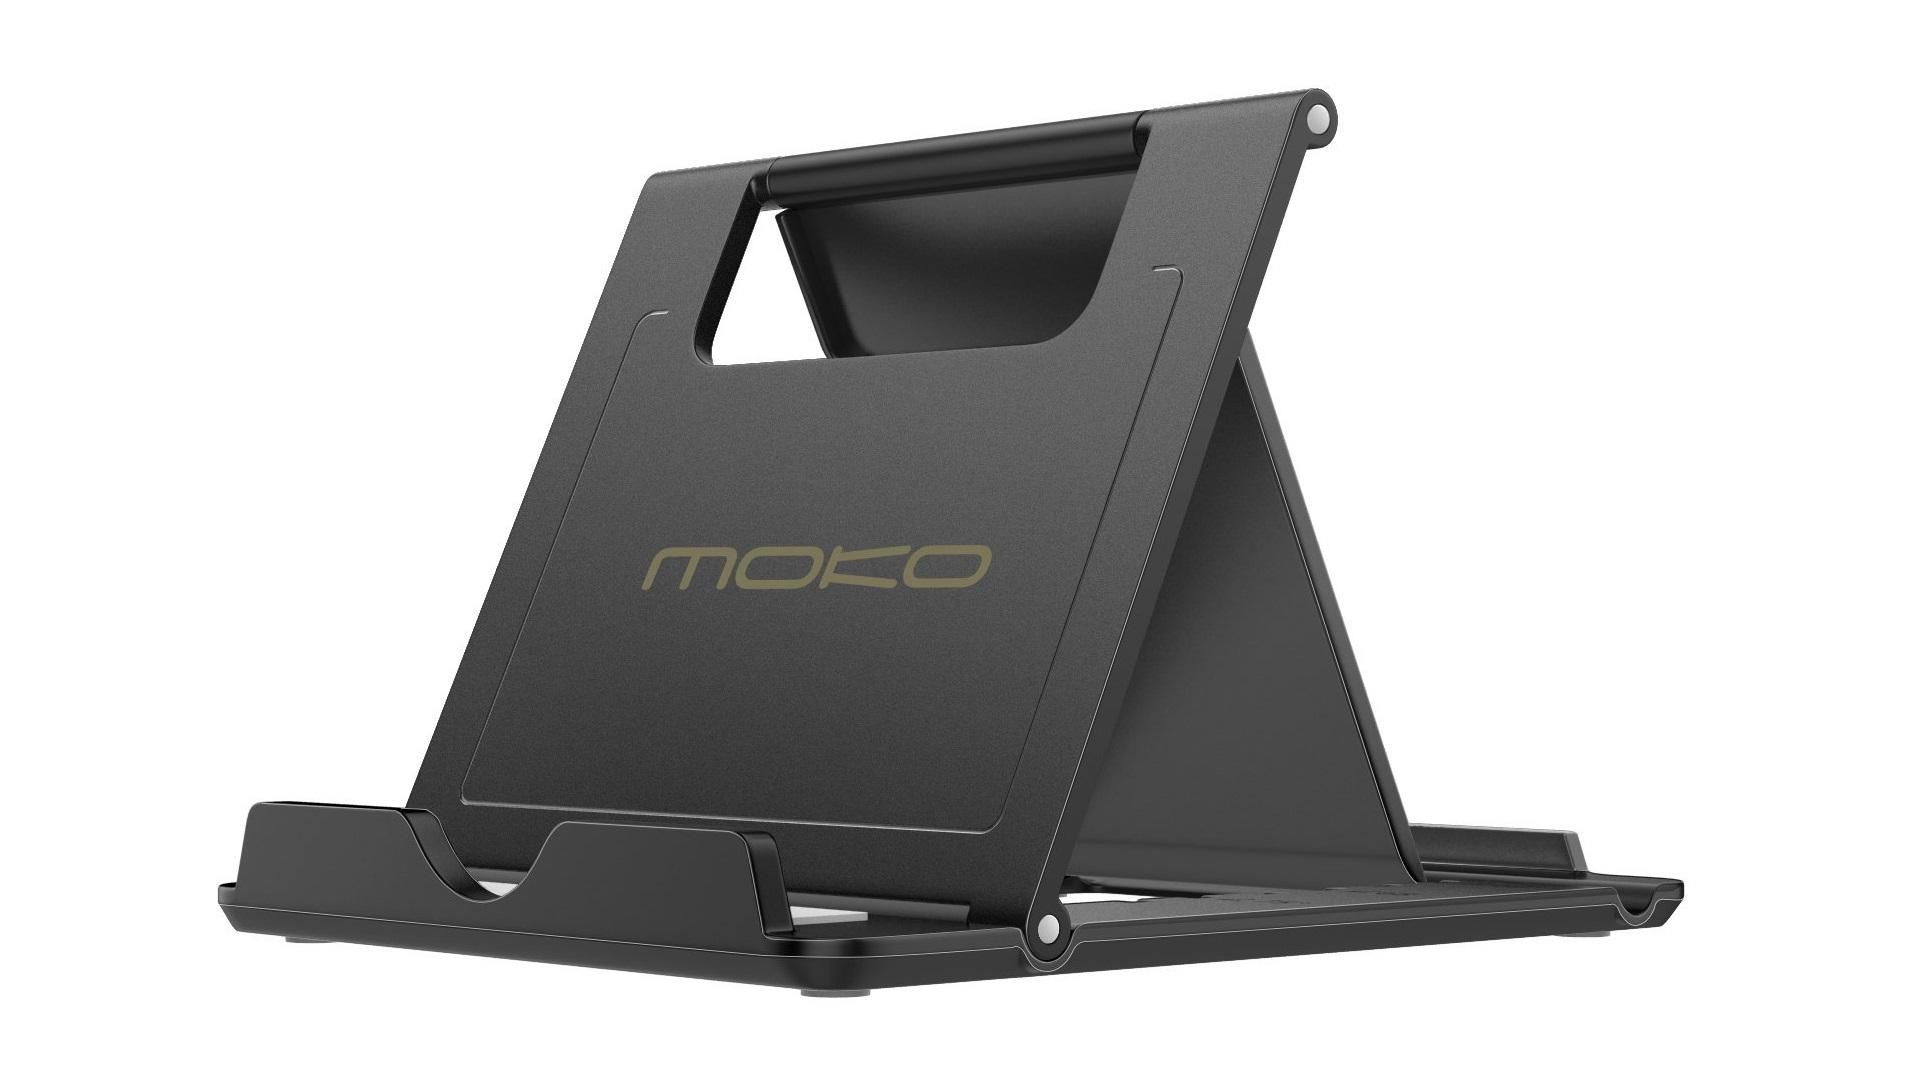 MoKo Chân đế iPad nhiều góc có thể gập lại trên nền trắng